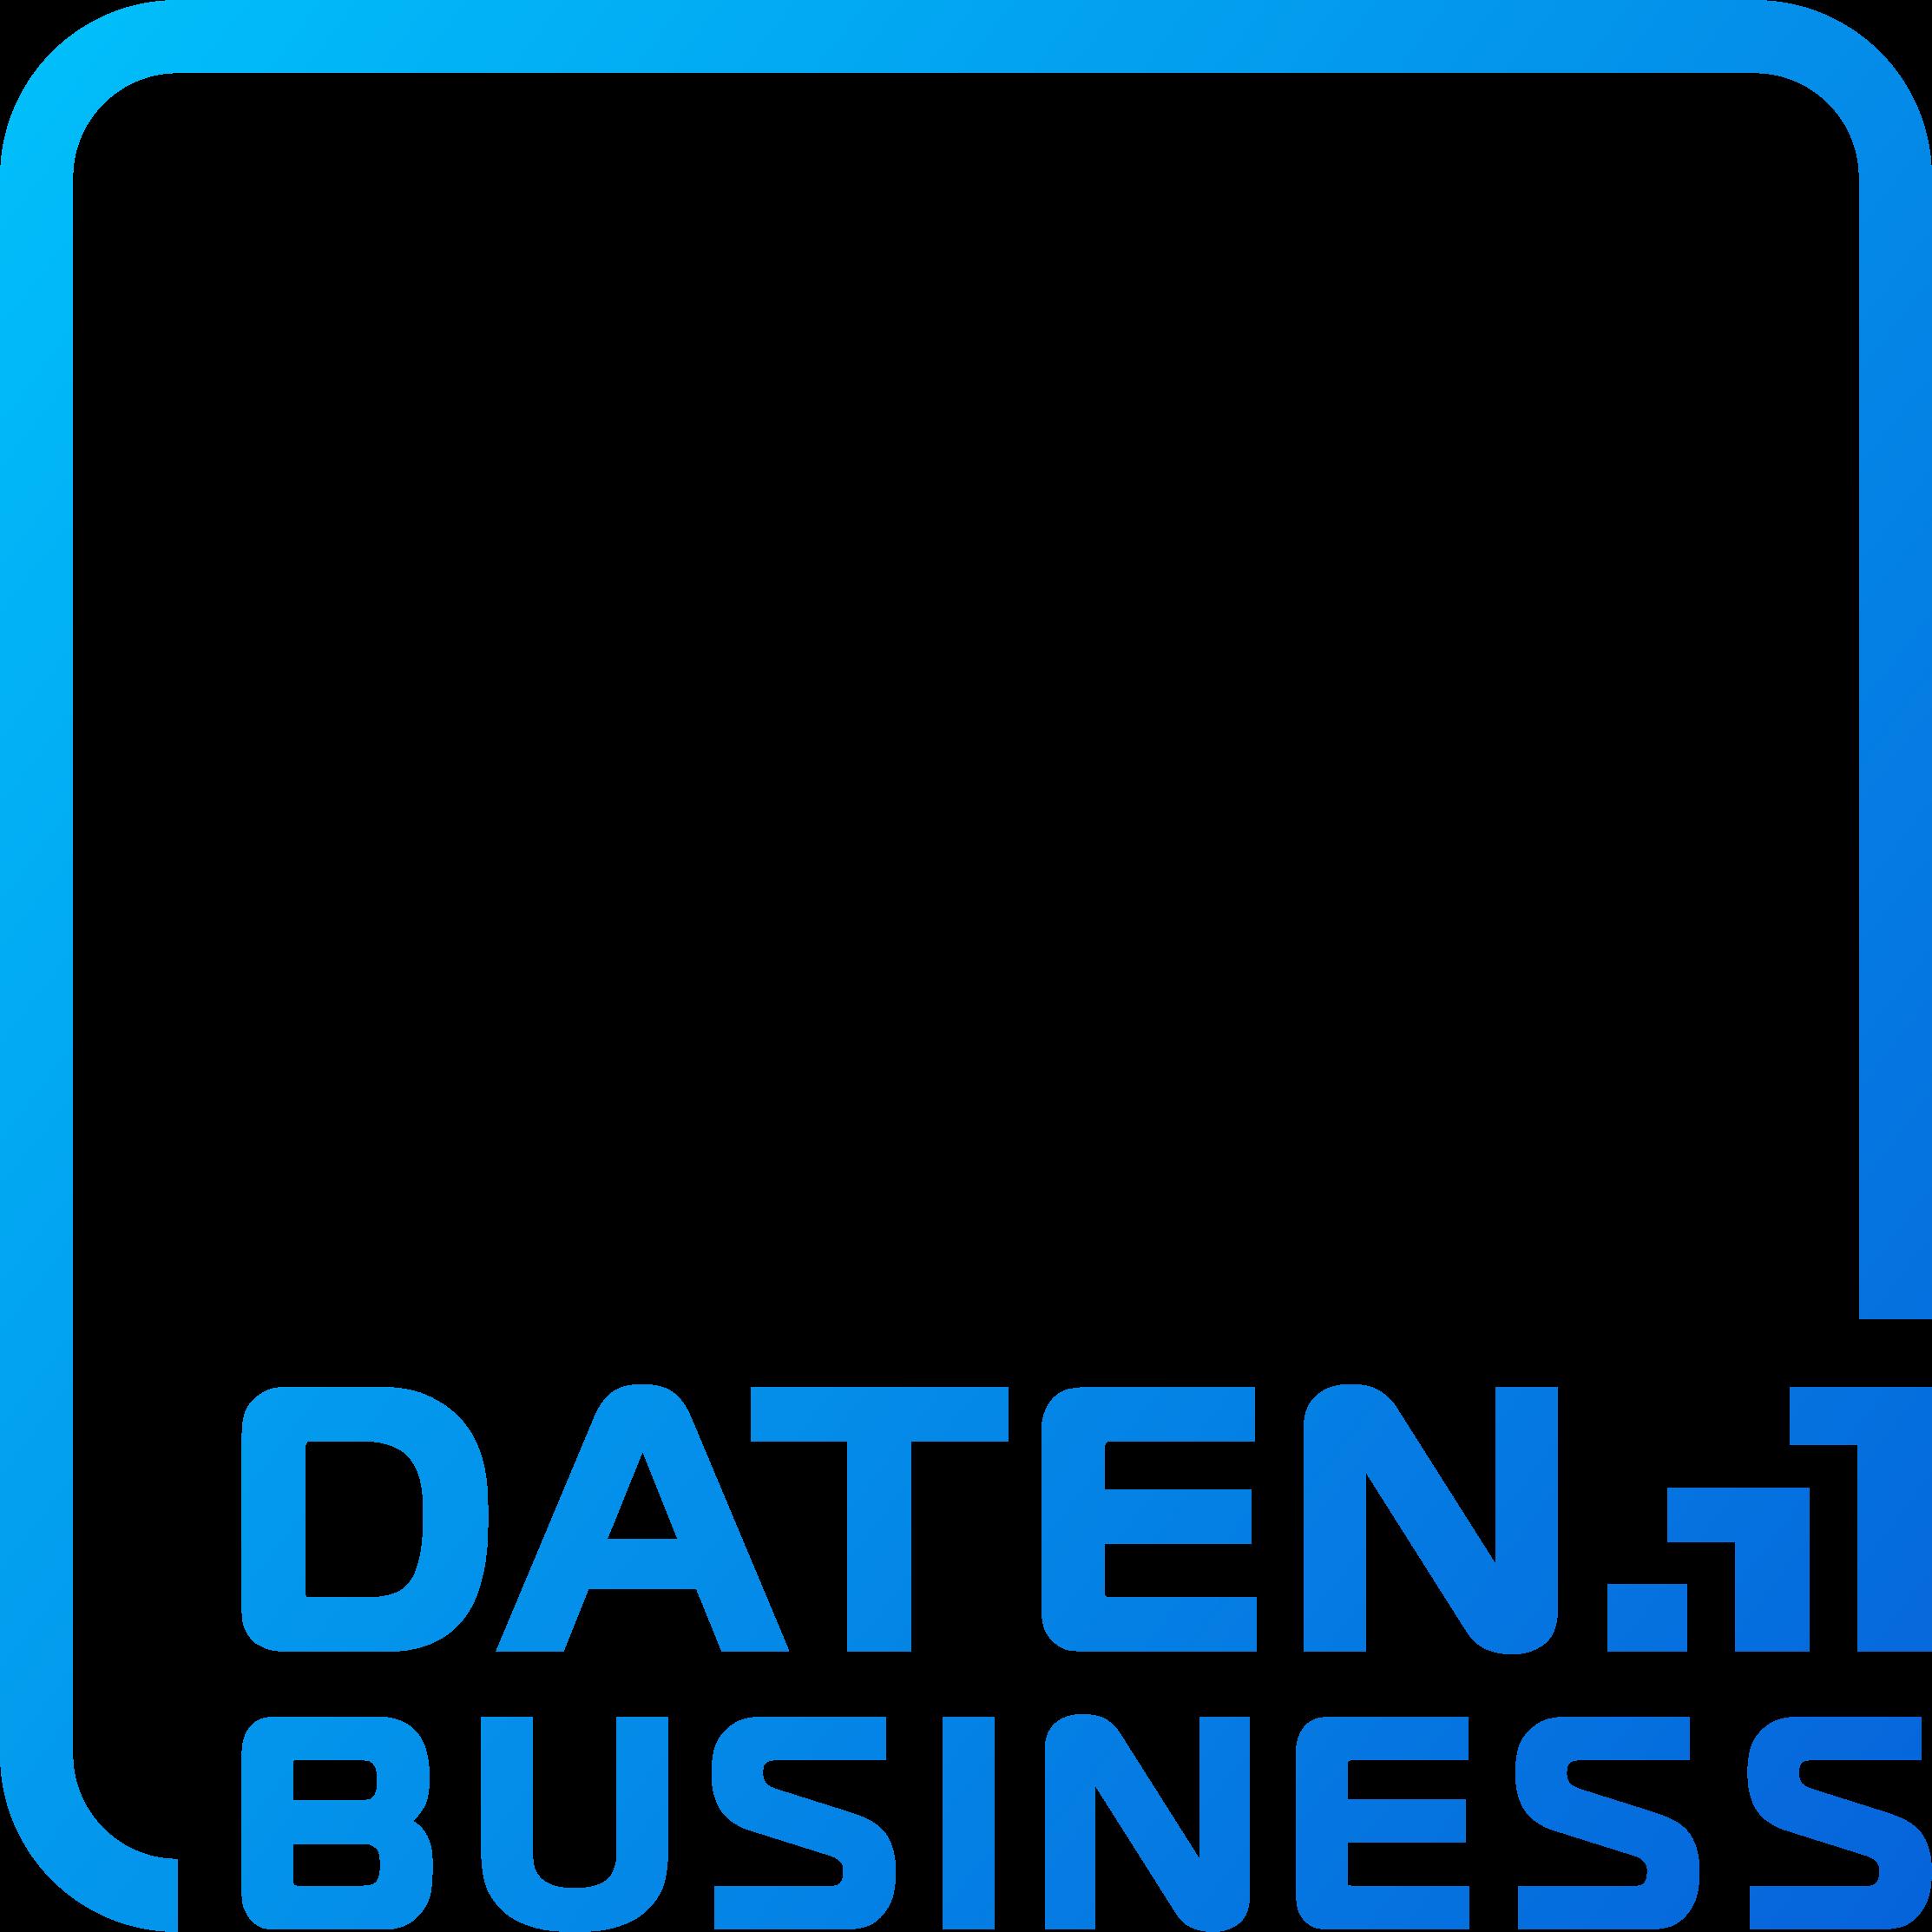 Datenbusiness